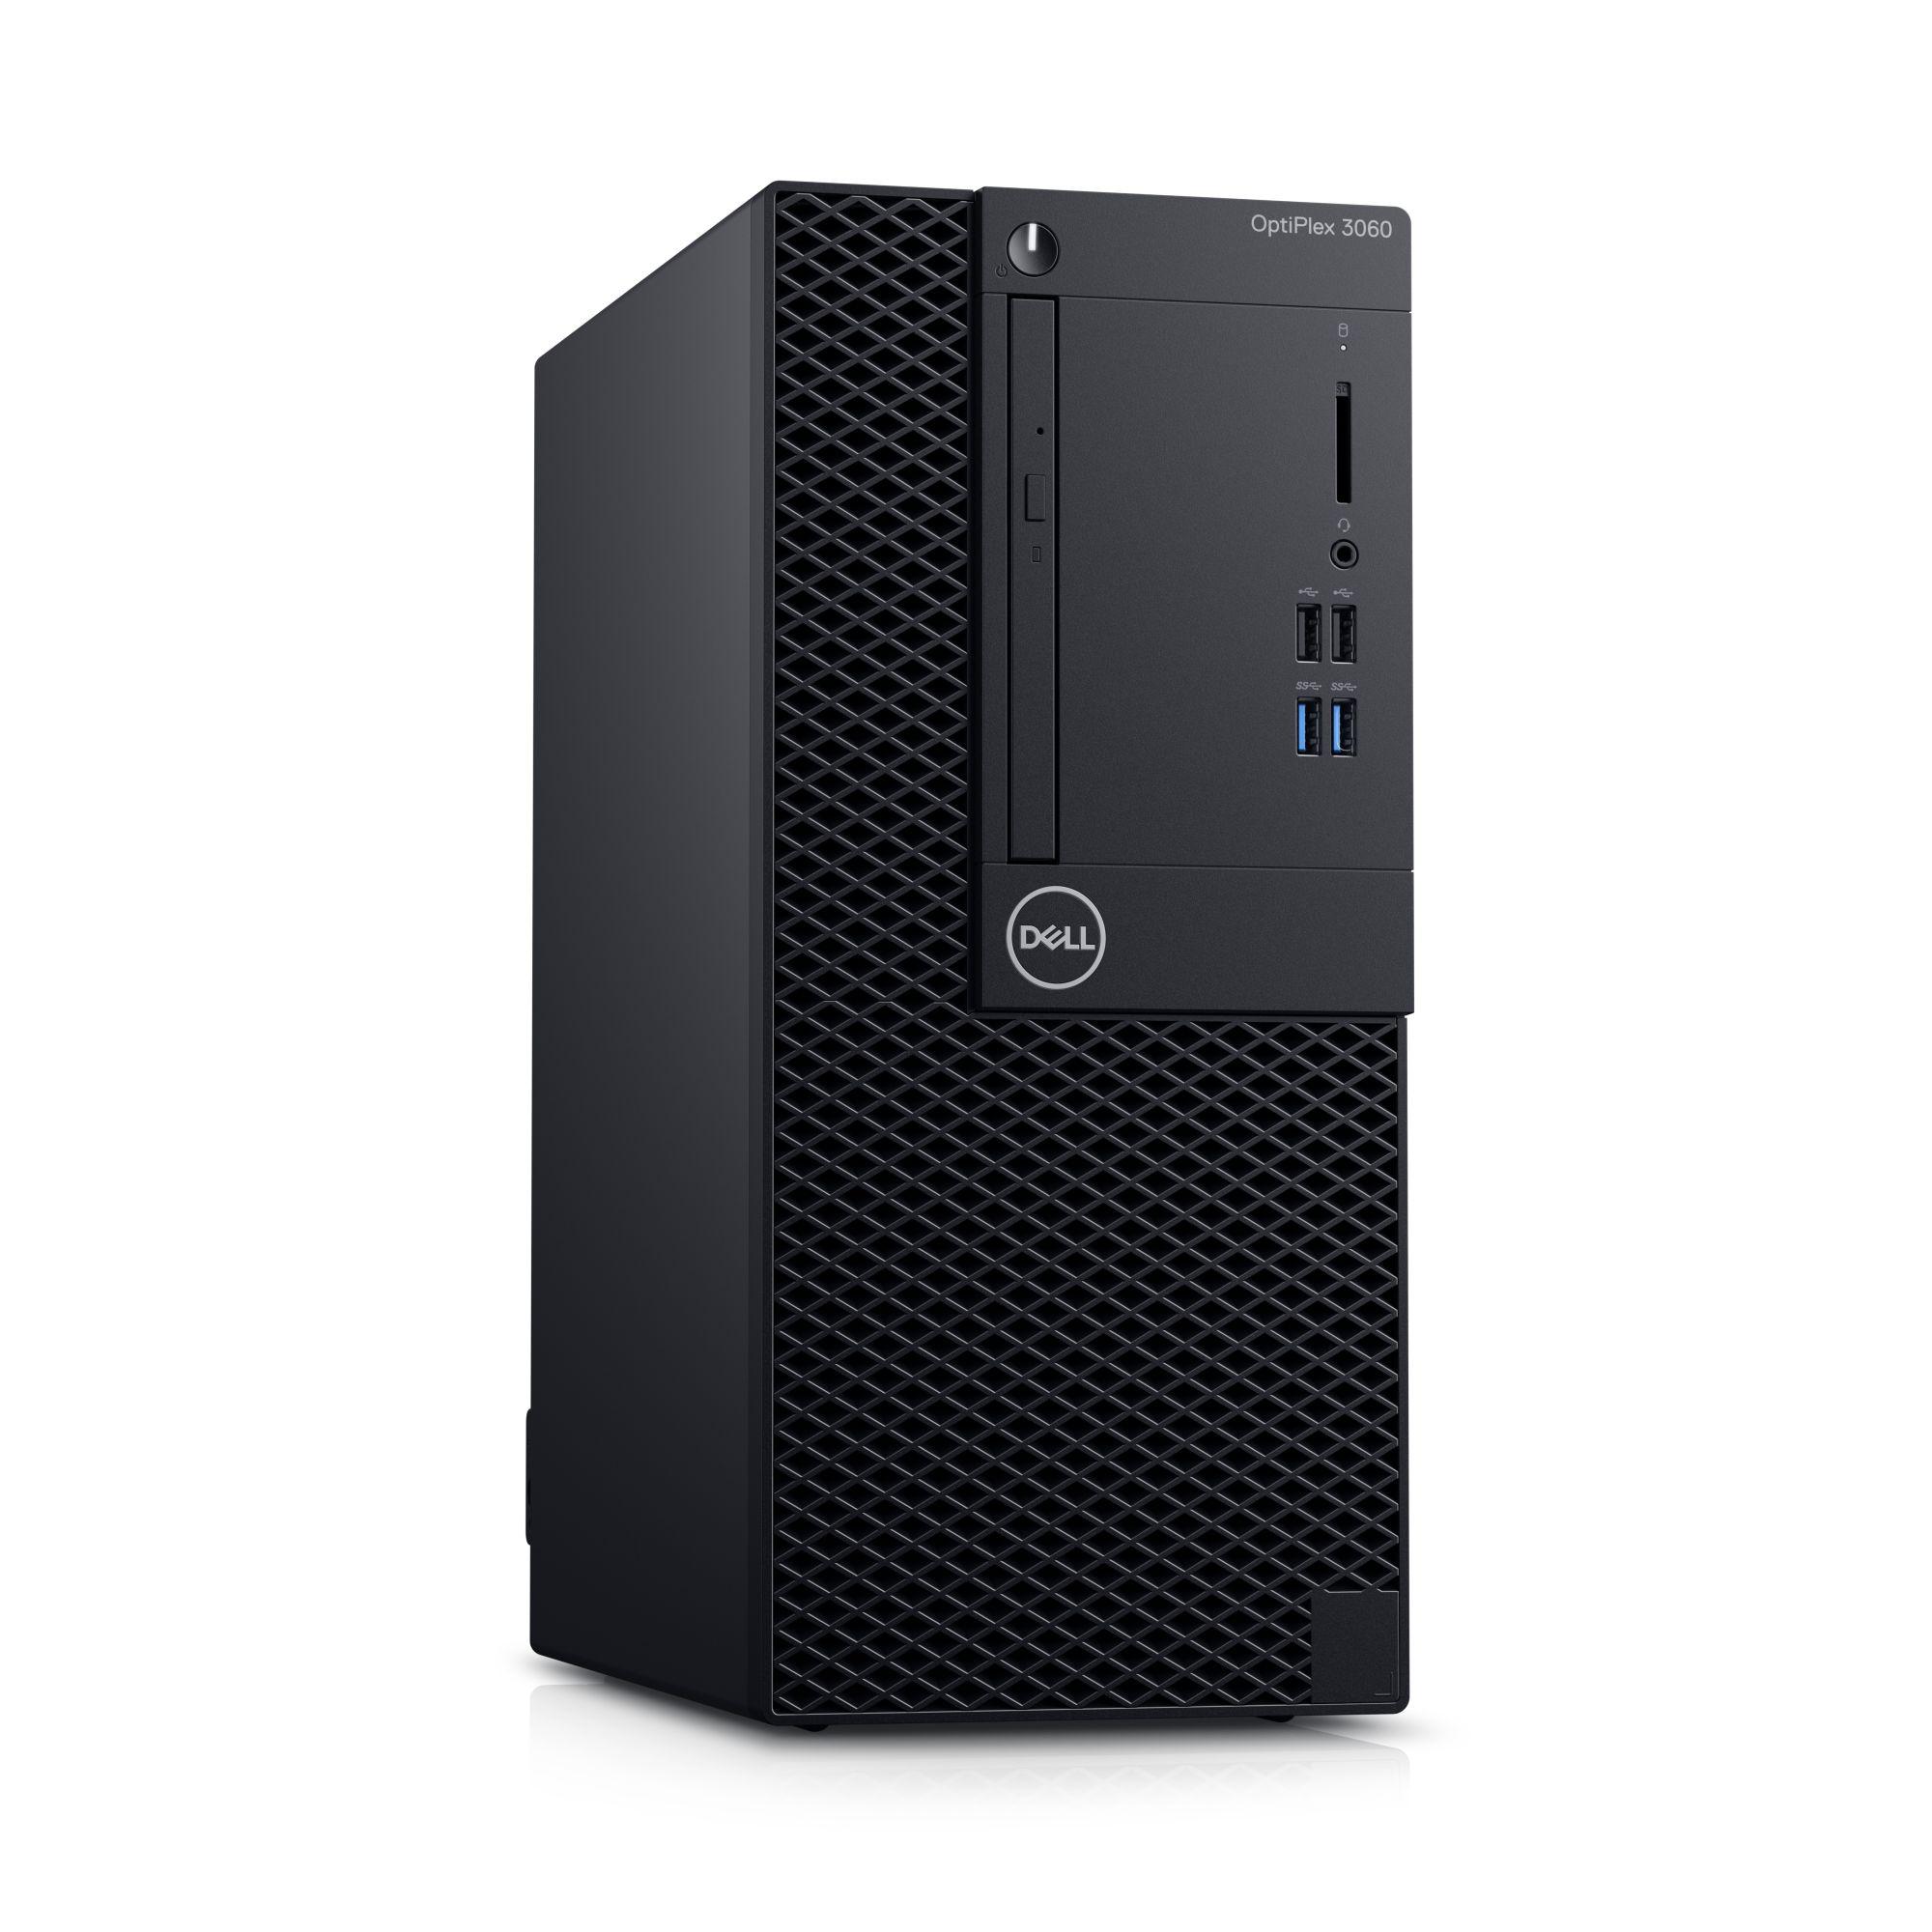 Dell PC Optiplex 3060 MT i5-8500/8GB/1TB/HDMI/DP/DVD/W10P/3RNBD